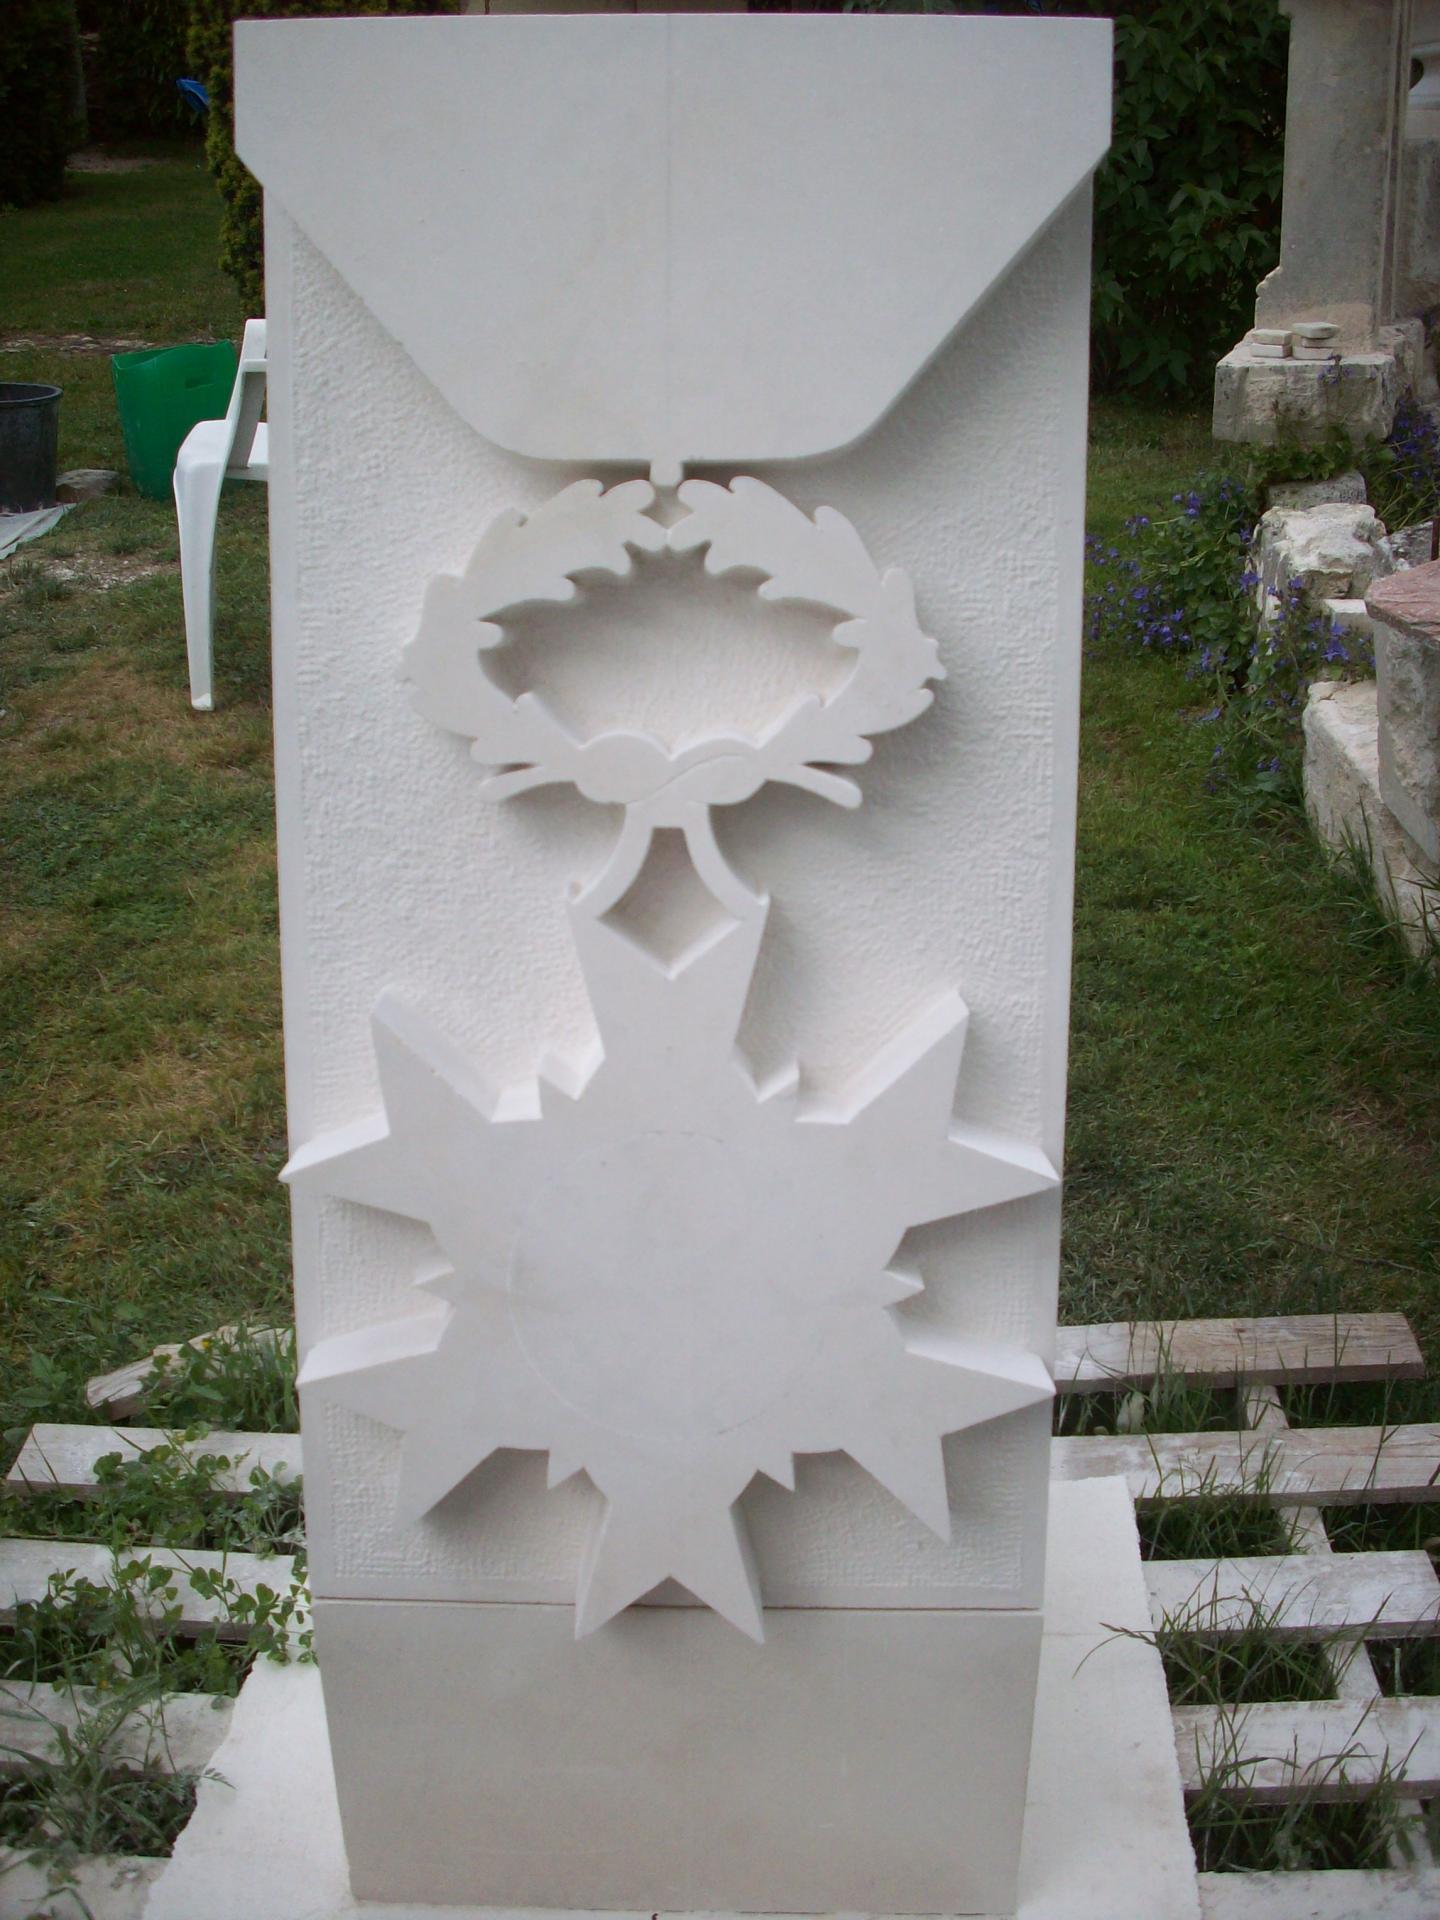 Stèle médaille ONM en cours de sculpture.